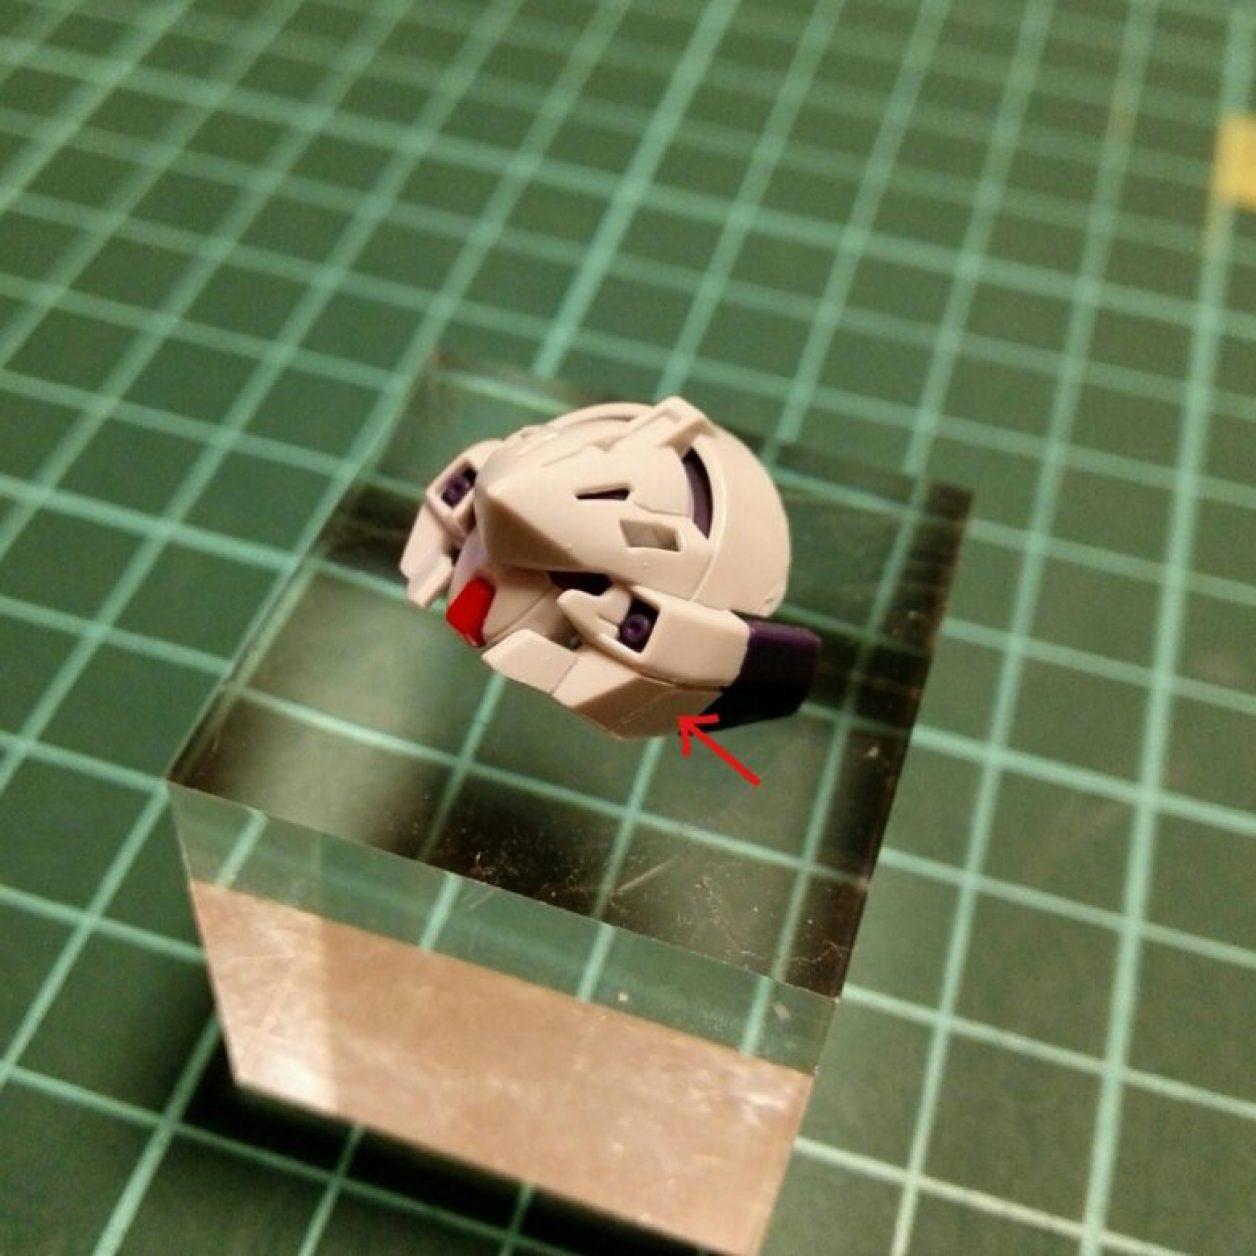 hguc ガンダムtr-6[ウーンドウォート]の頭部ユニットをプラバンでディテールアップしてアンテナを外した画像